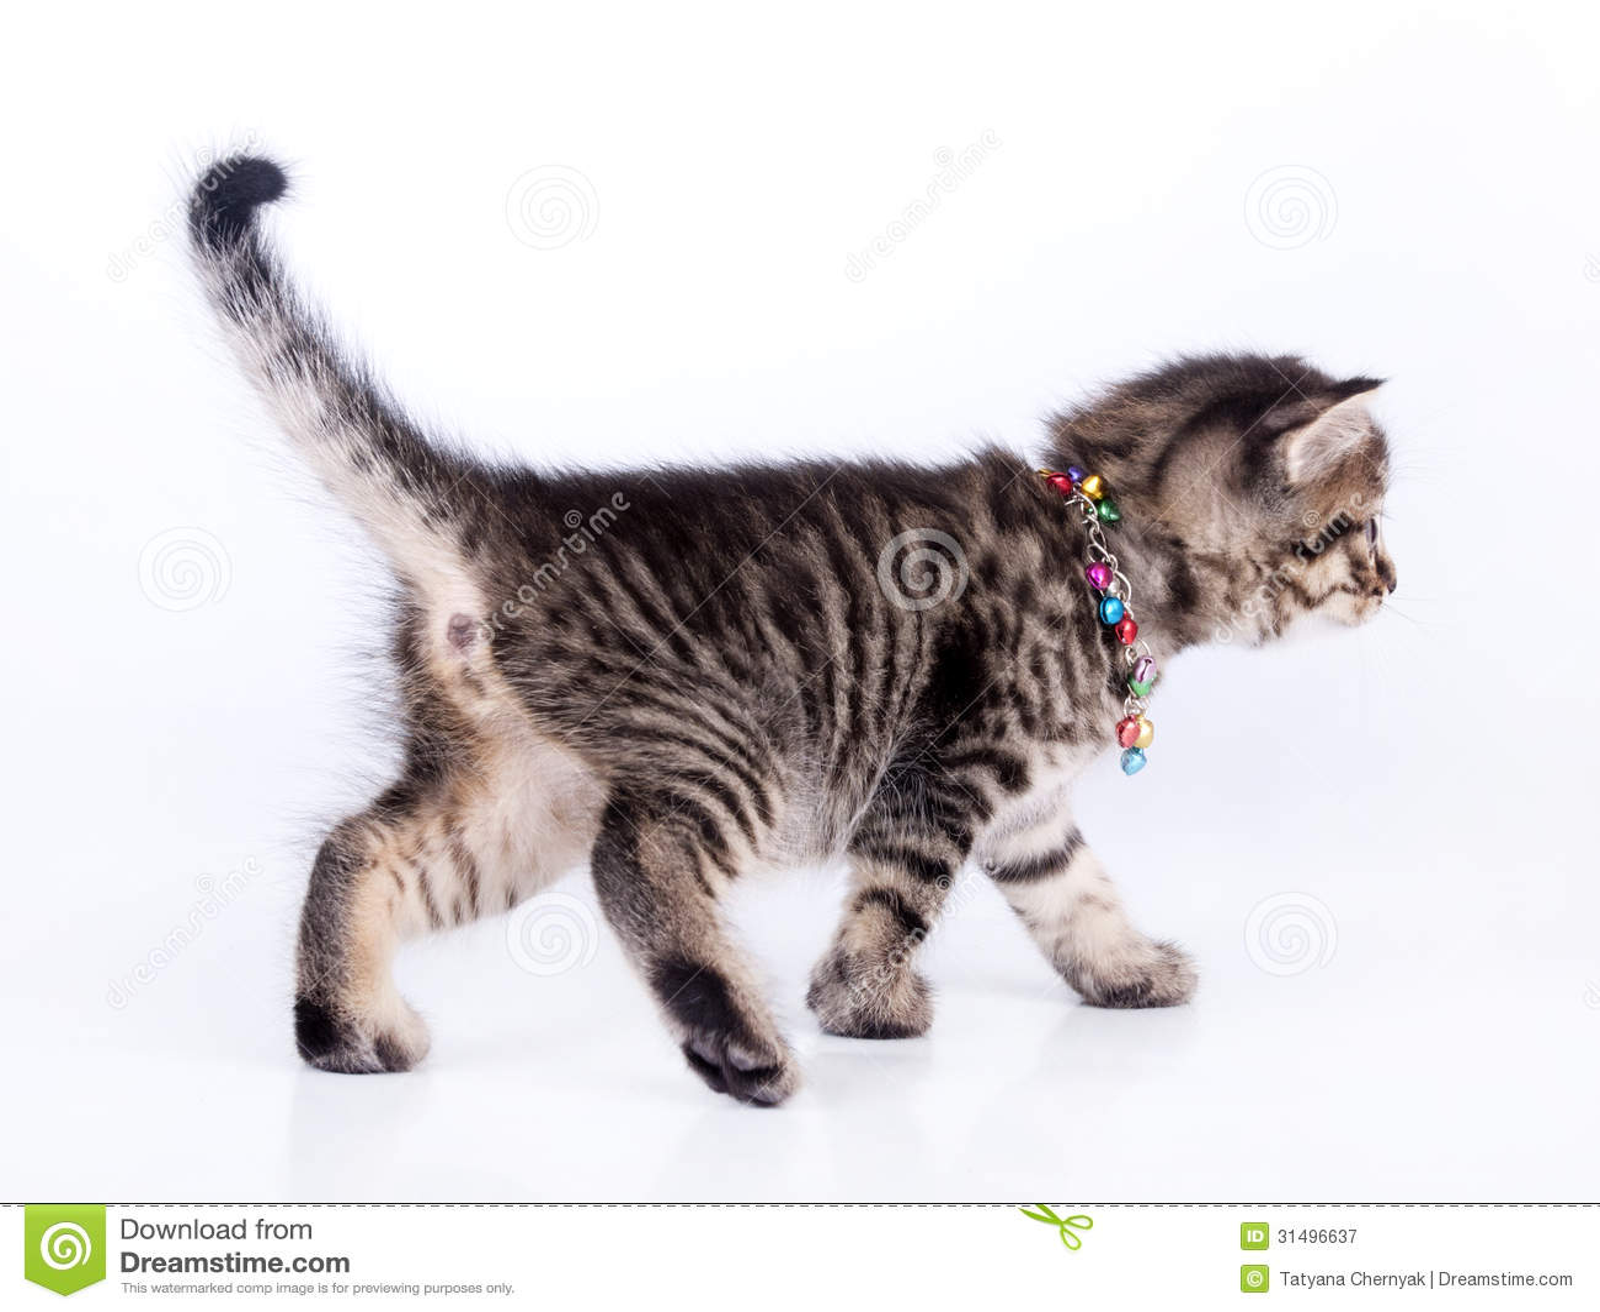 kitten adoption houston